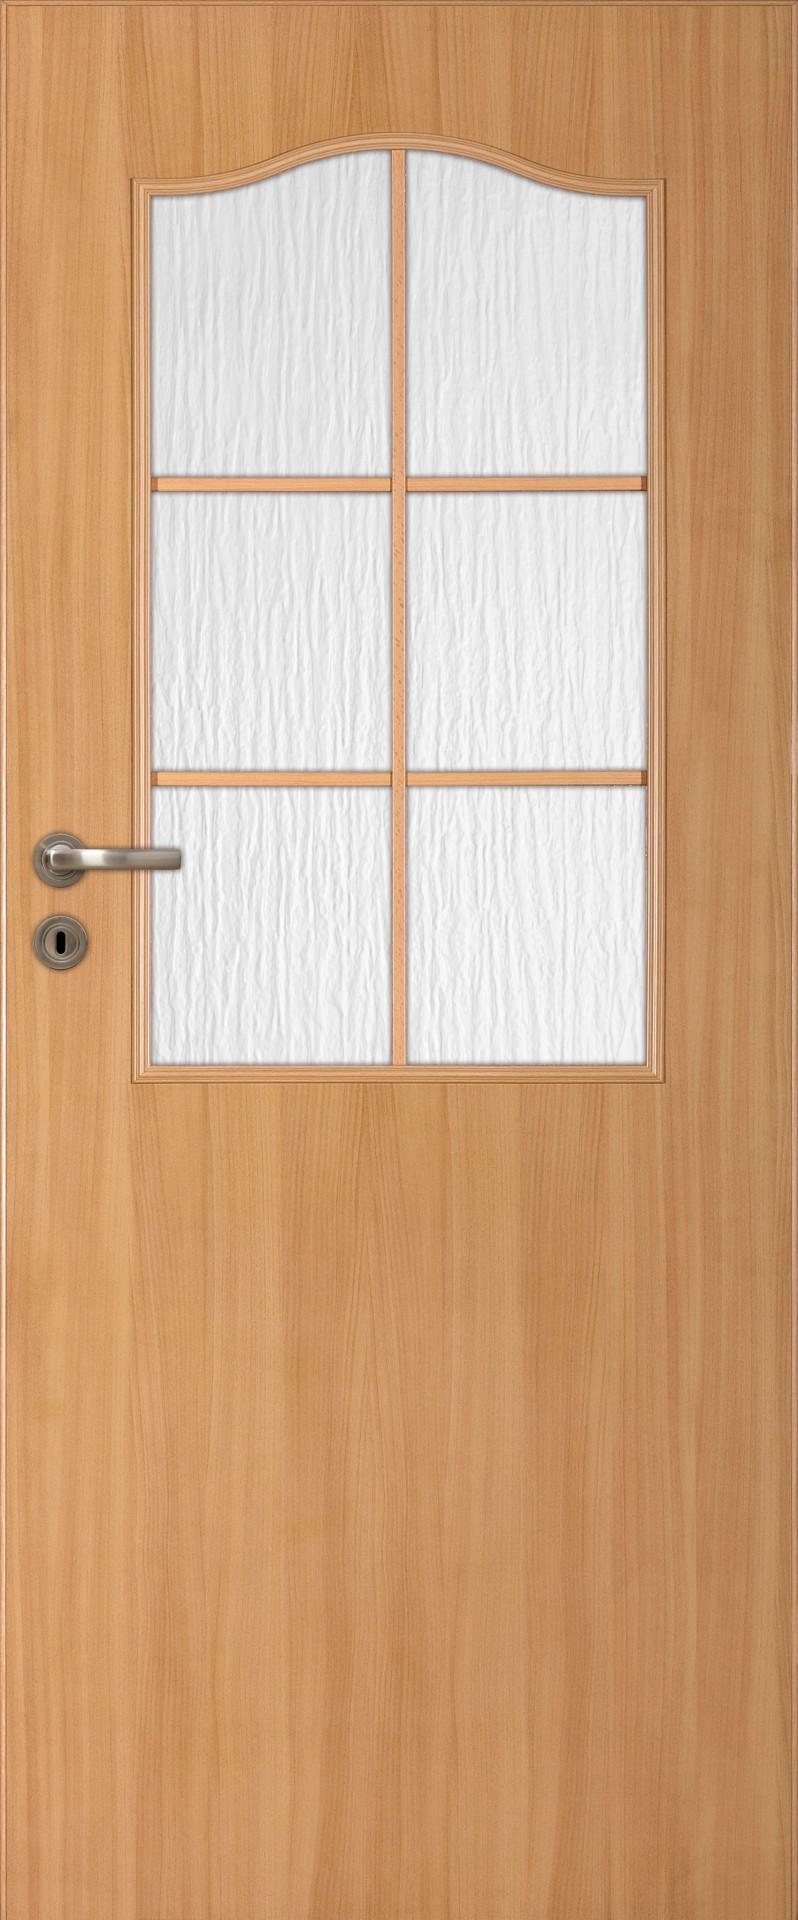 Dre dveře Lack 30s, Šíře v cm 90